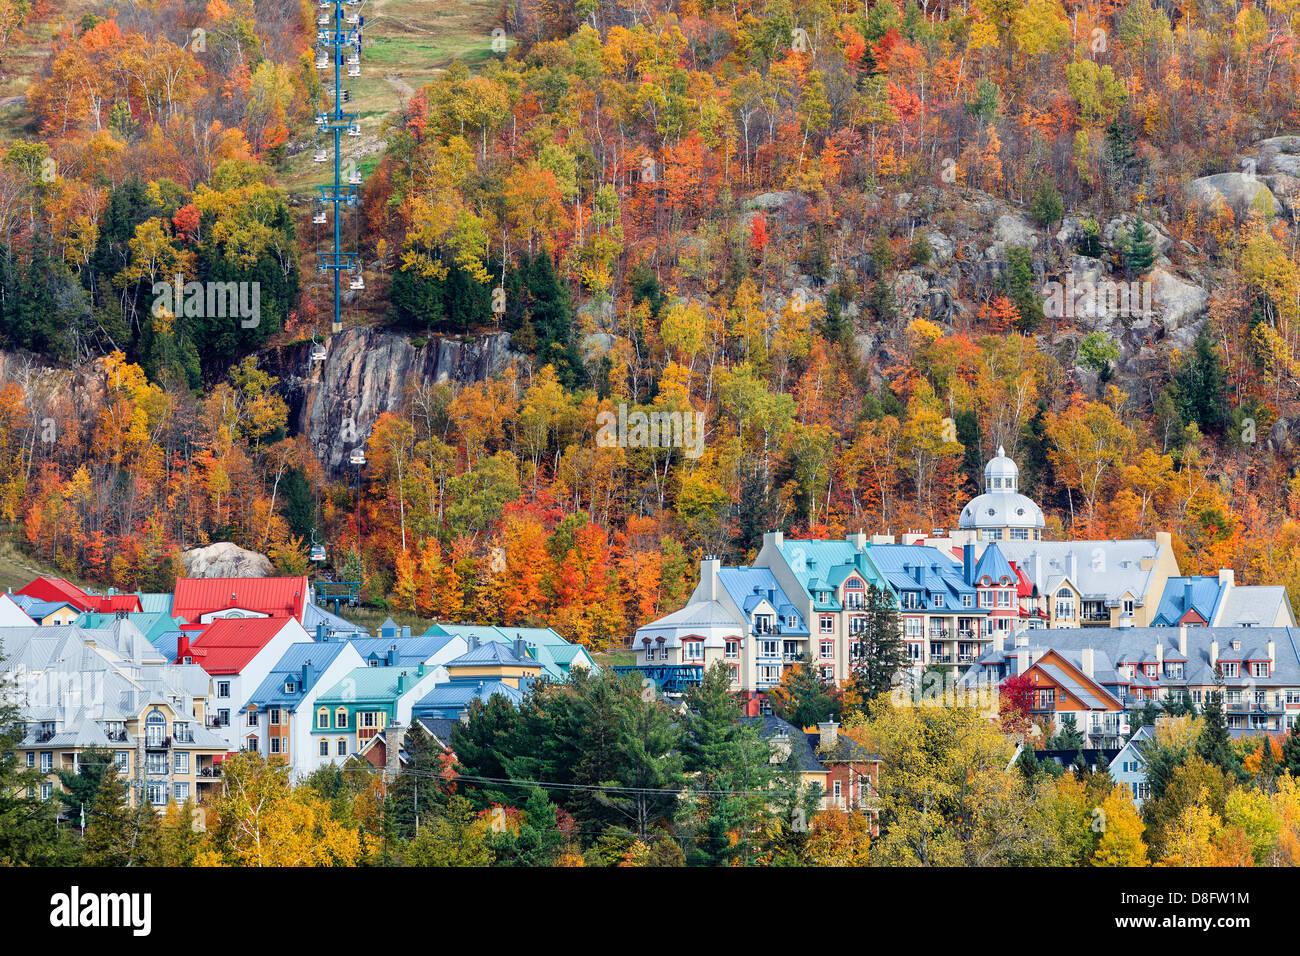 Mont Tremblant Village in autumn, Laurentians, Quebec, Canada - Stock Image